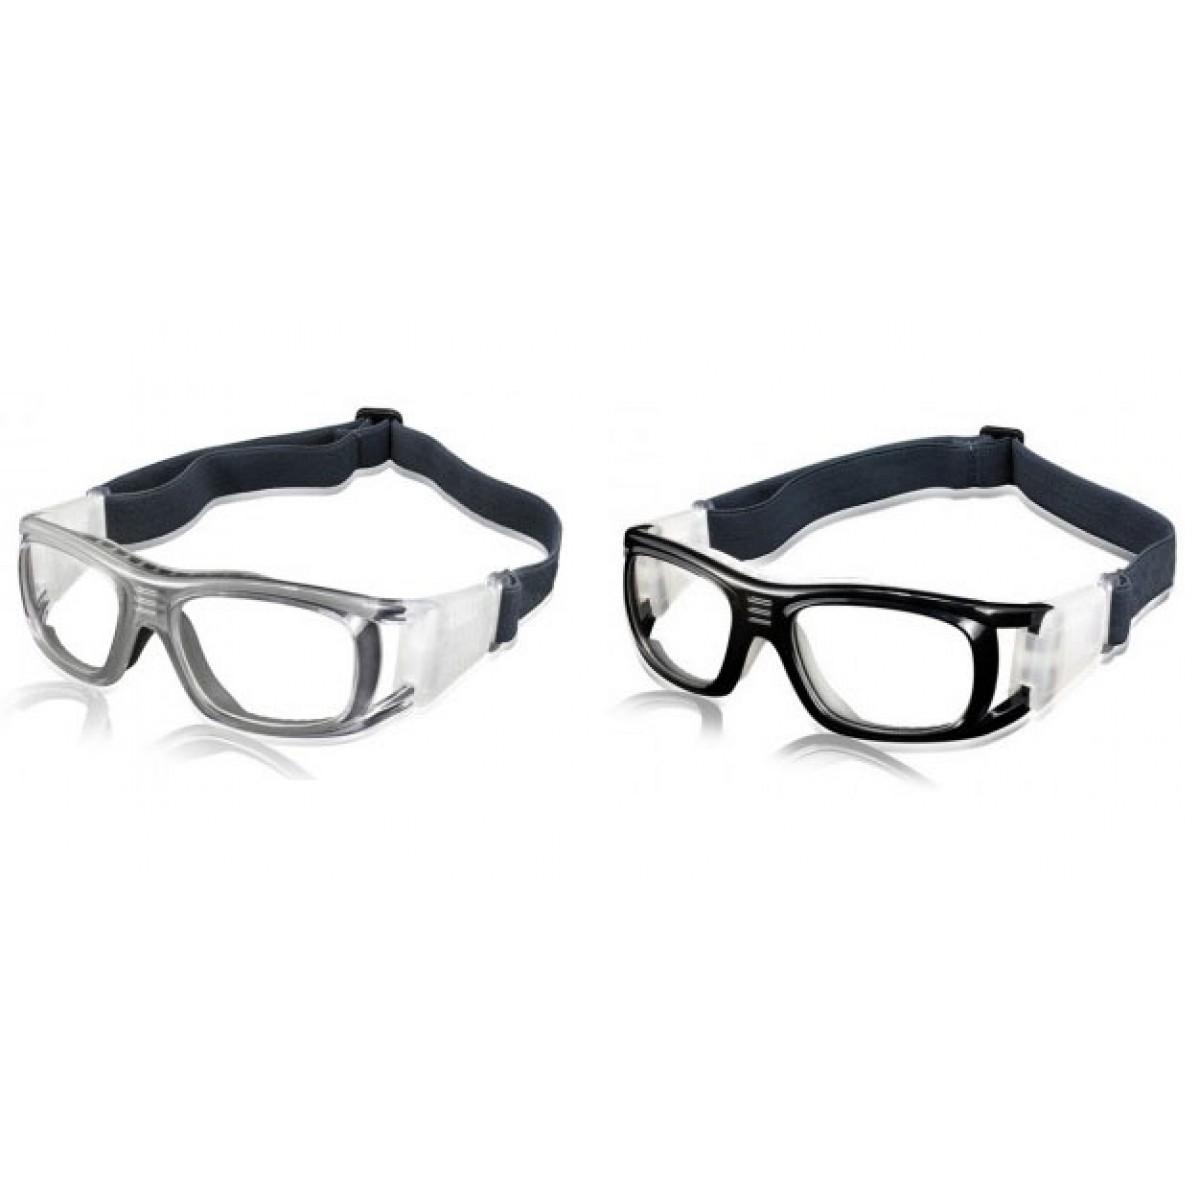 4cbc386b3 óculos de futebol para jogar futebol e basquete - Esporte Visão